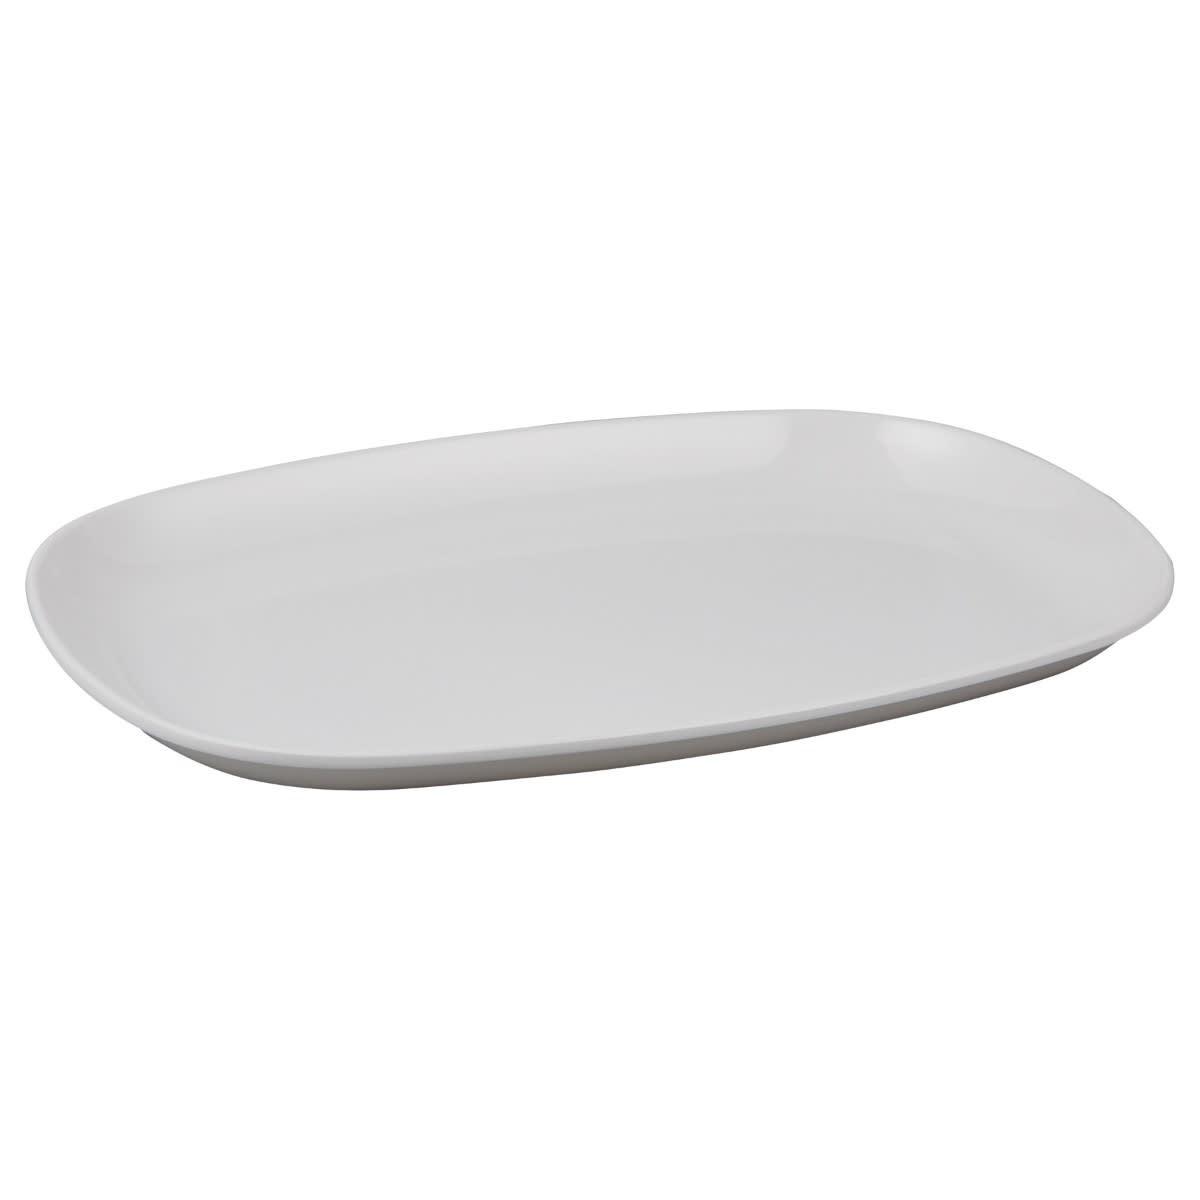 Natural Instincts Melamine Platter Plate